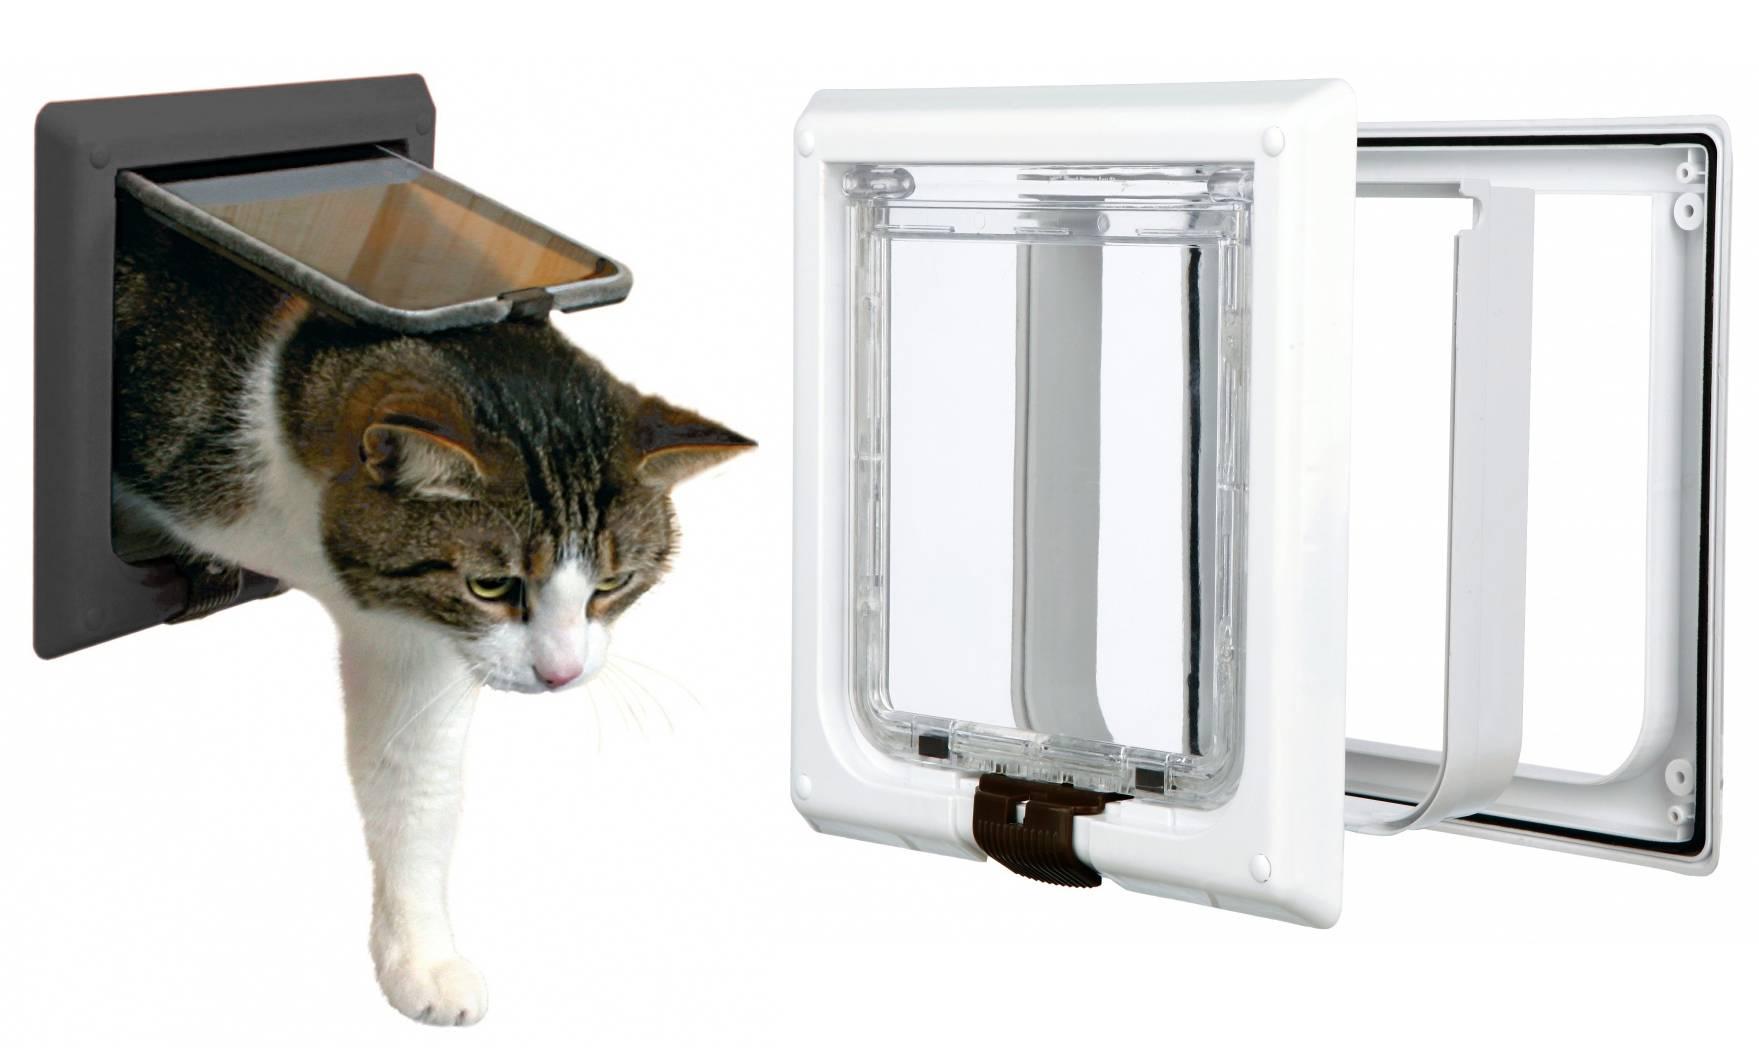 Как сделать правильный выбор дверцы для кошки без лишних хлопот - мир кошек